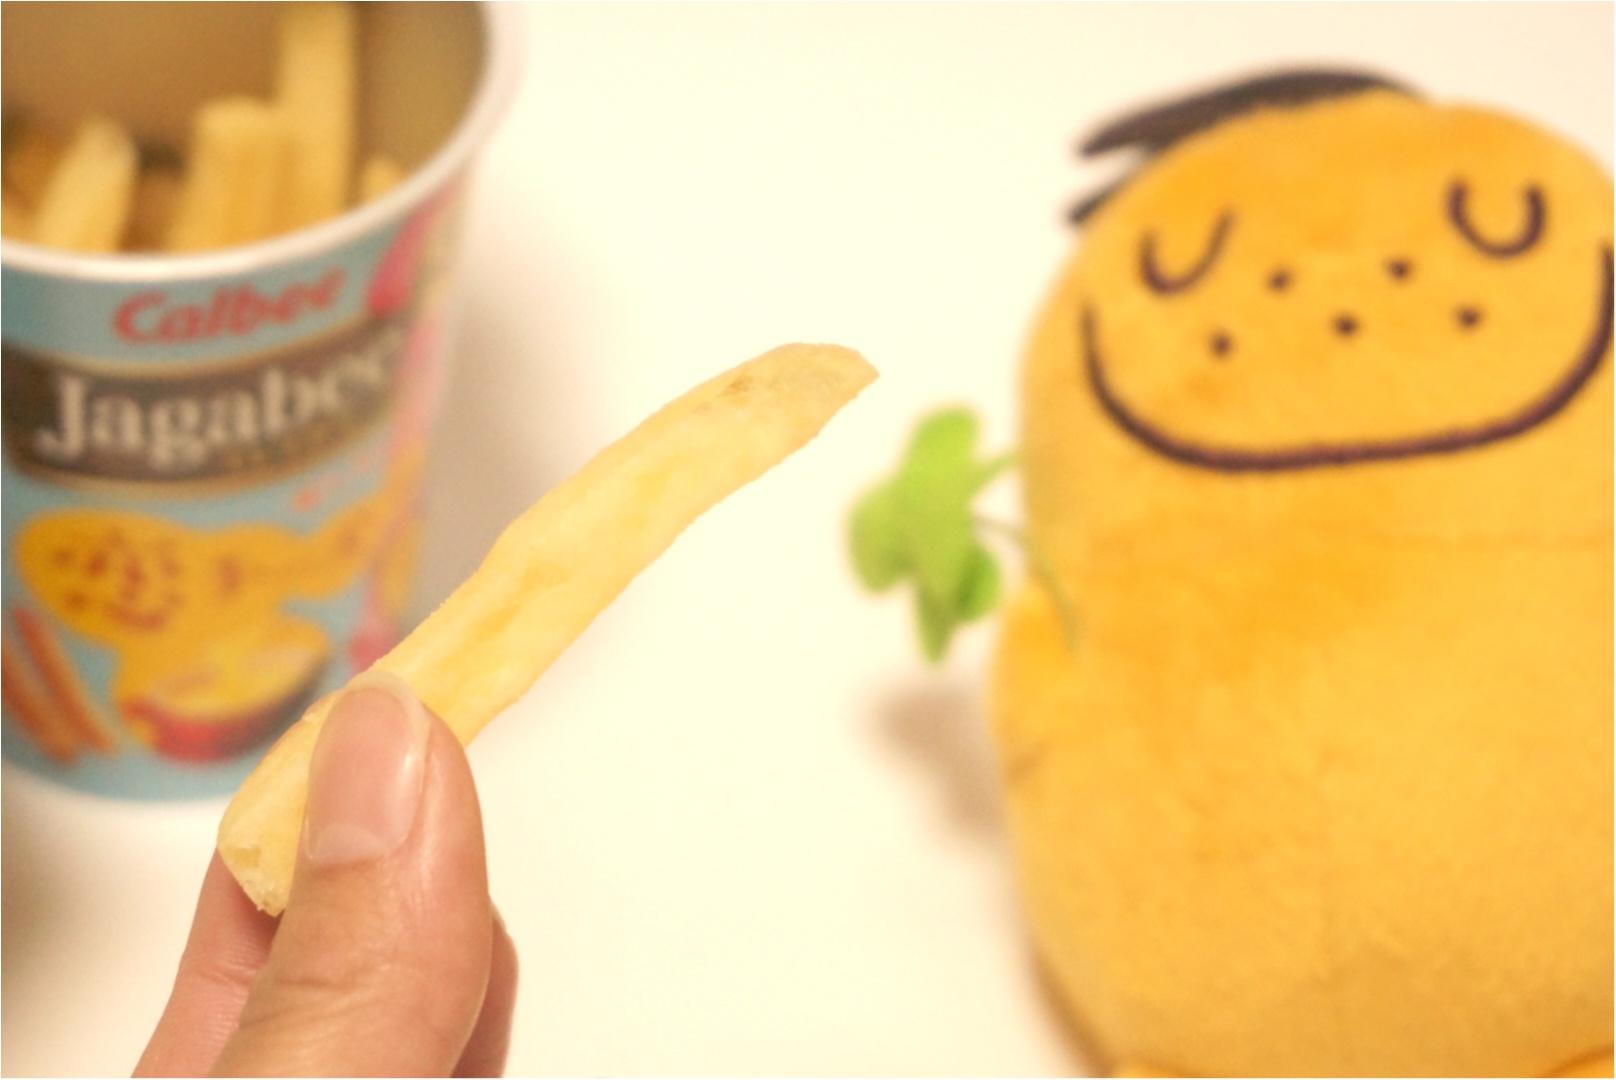 《とろけるような恋がしたい♡》セブン&アイグループ限定‼︎大人気菓子【Jagabee】の新商品は『恋チーズ』味♪_6